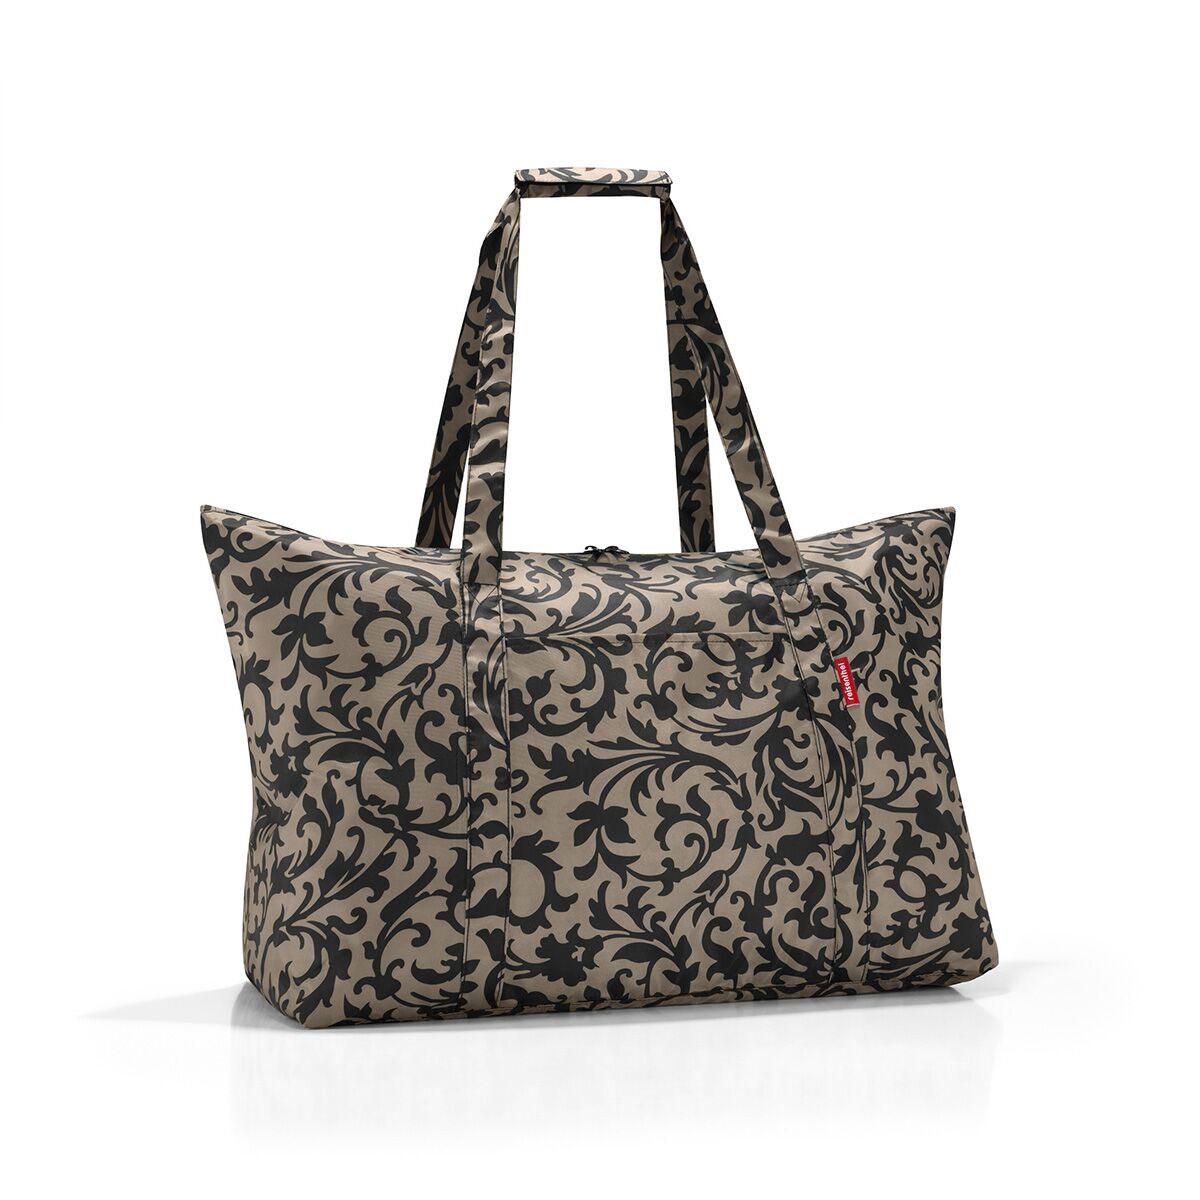 Сумка дорожная жен. Reisenthel, цвет: бежевый. AG70273-47670-00504Идеальный компаньон для путешествий, ведь из поездки мы всегда возвращаемся со множеством сувениров и покупок. Так что еще одна сумка пригодится. Она легко складывается в маленький чехол, которые можно взять с собой в сумке или рюкзаке. Так же можно использовать для похода за продуктами.Внутренний объем сумки - 30 литров. Есть внешний кармашек для мелочей. Для удобства ручки сумки можно соединить между собой.